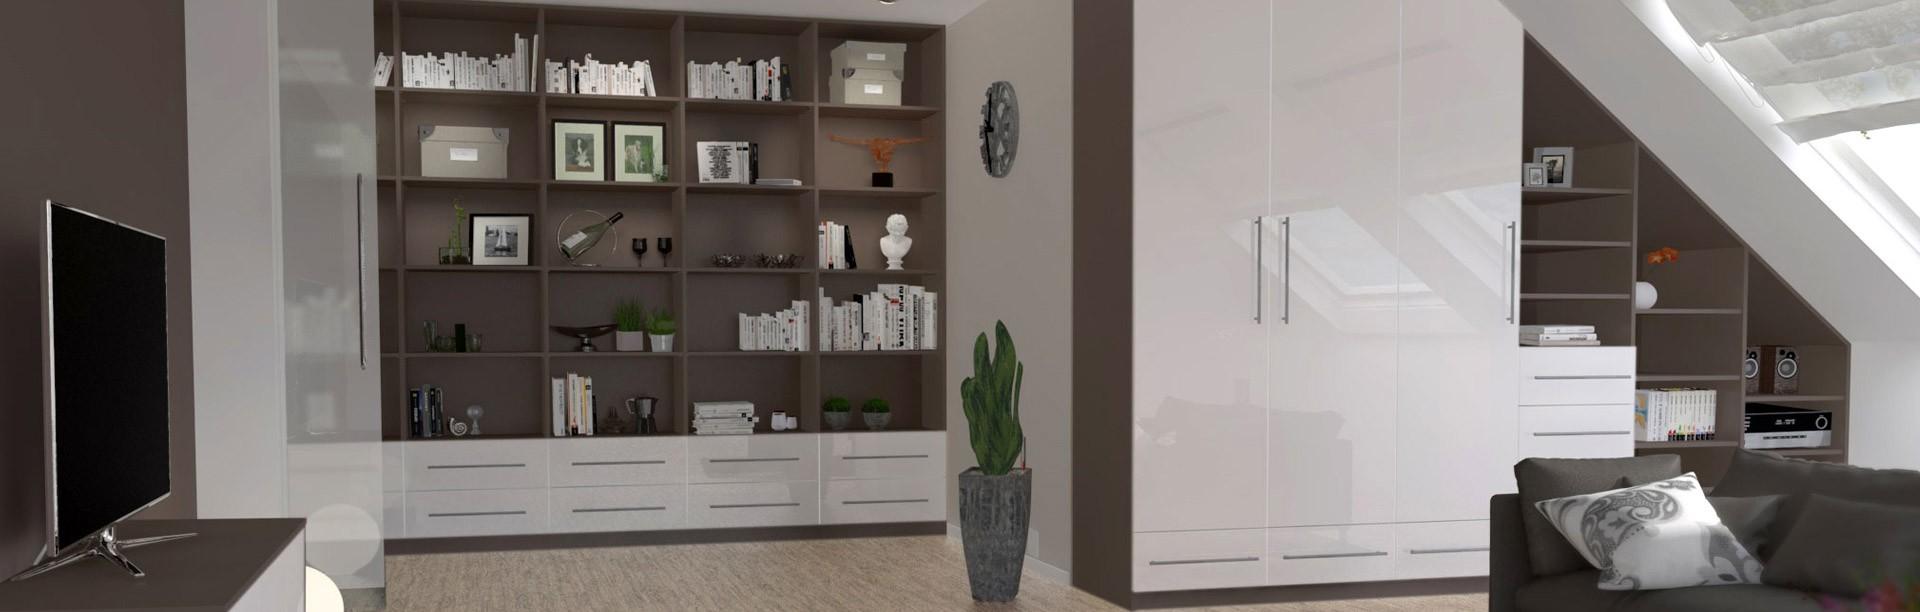 kleiderschrank selber gestalten kleiderschrank selbst gestalten kleiderschrank selbst gestalten. Black Bedroom Furniture Sets. Home Design Ideas